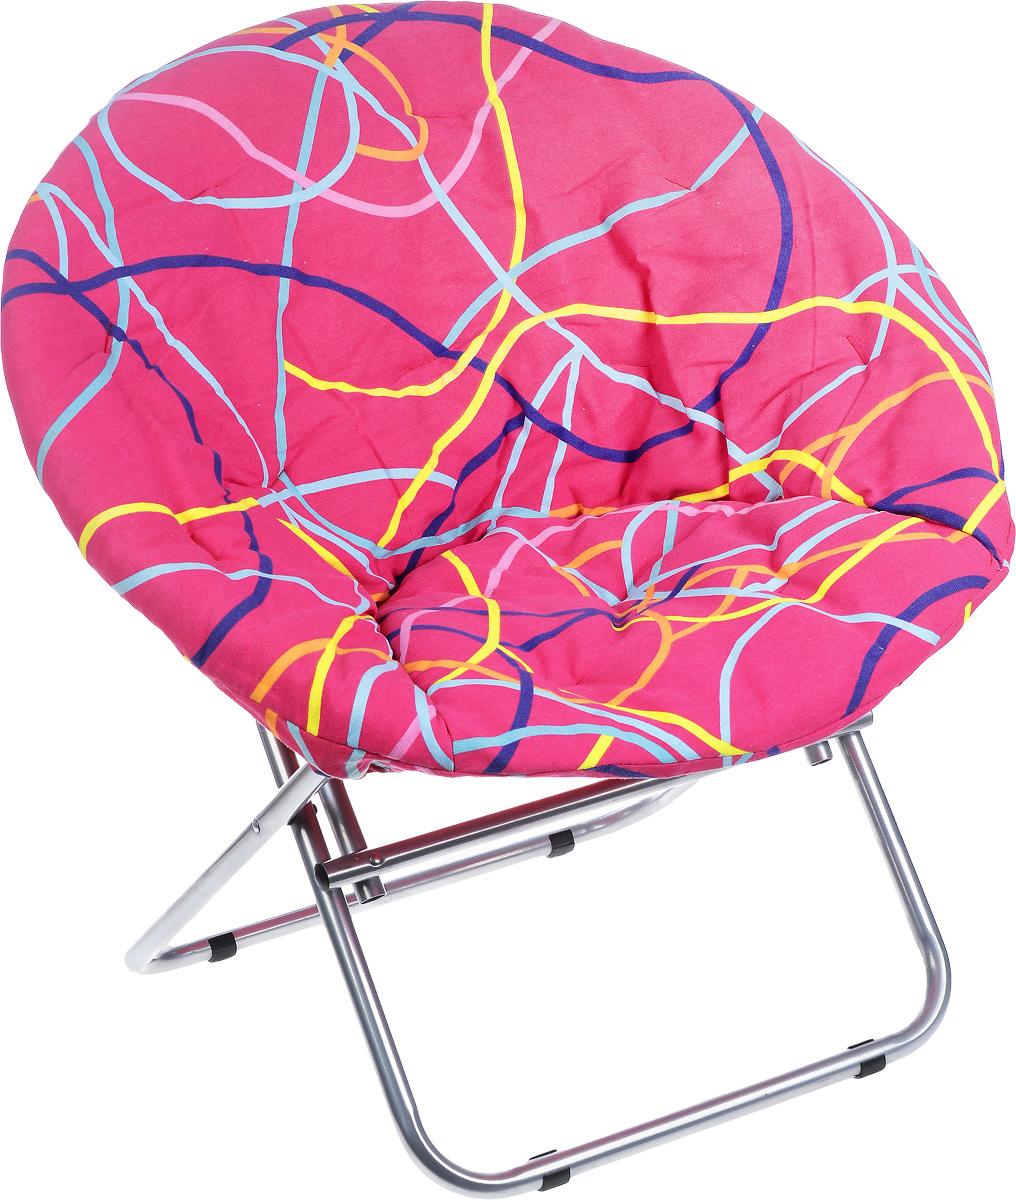 Кресло садовое Wildman, со съемным чехлом, 77 х 64 х 80 смGESS-725Внешне кресло Wildman не отличается от обыкновенного кресла. На нем можно удобно расположиться в тени деревьев, отдохнуть в приятной прохладе летнего вечера. Каркас кресла выполнен из прочного металла, а чехол, который при необходимости можно снять, из текстиля.В использовании садовое кресло достойно самых лучших похвал. Его очень легко перенести в другое место. Во время летних праздников, пикников, семейных встреч садовое кресло решит проблемы с размещением гостей.